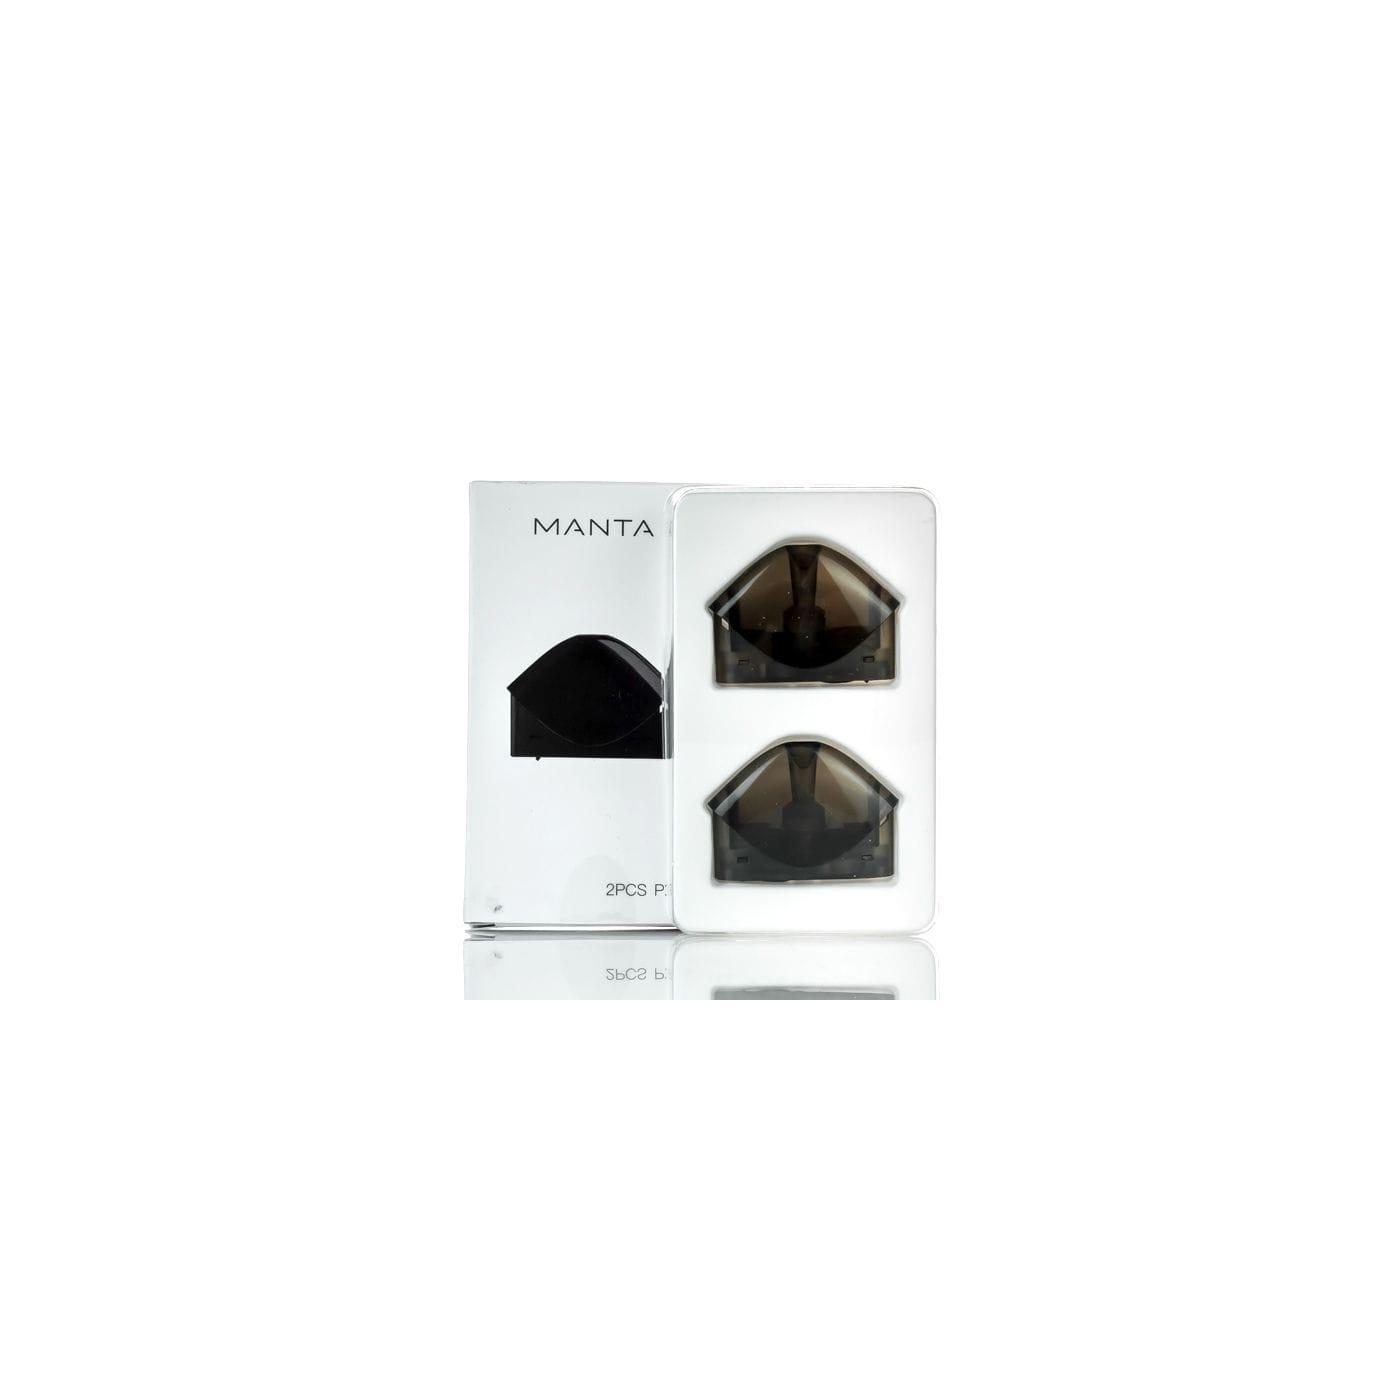 Perkey Manta Replacement Cartridge 2 Pack